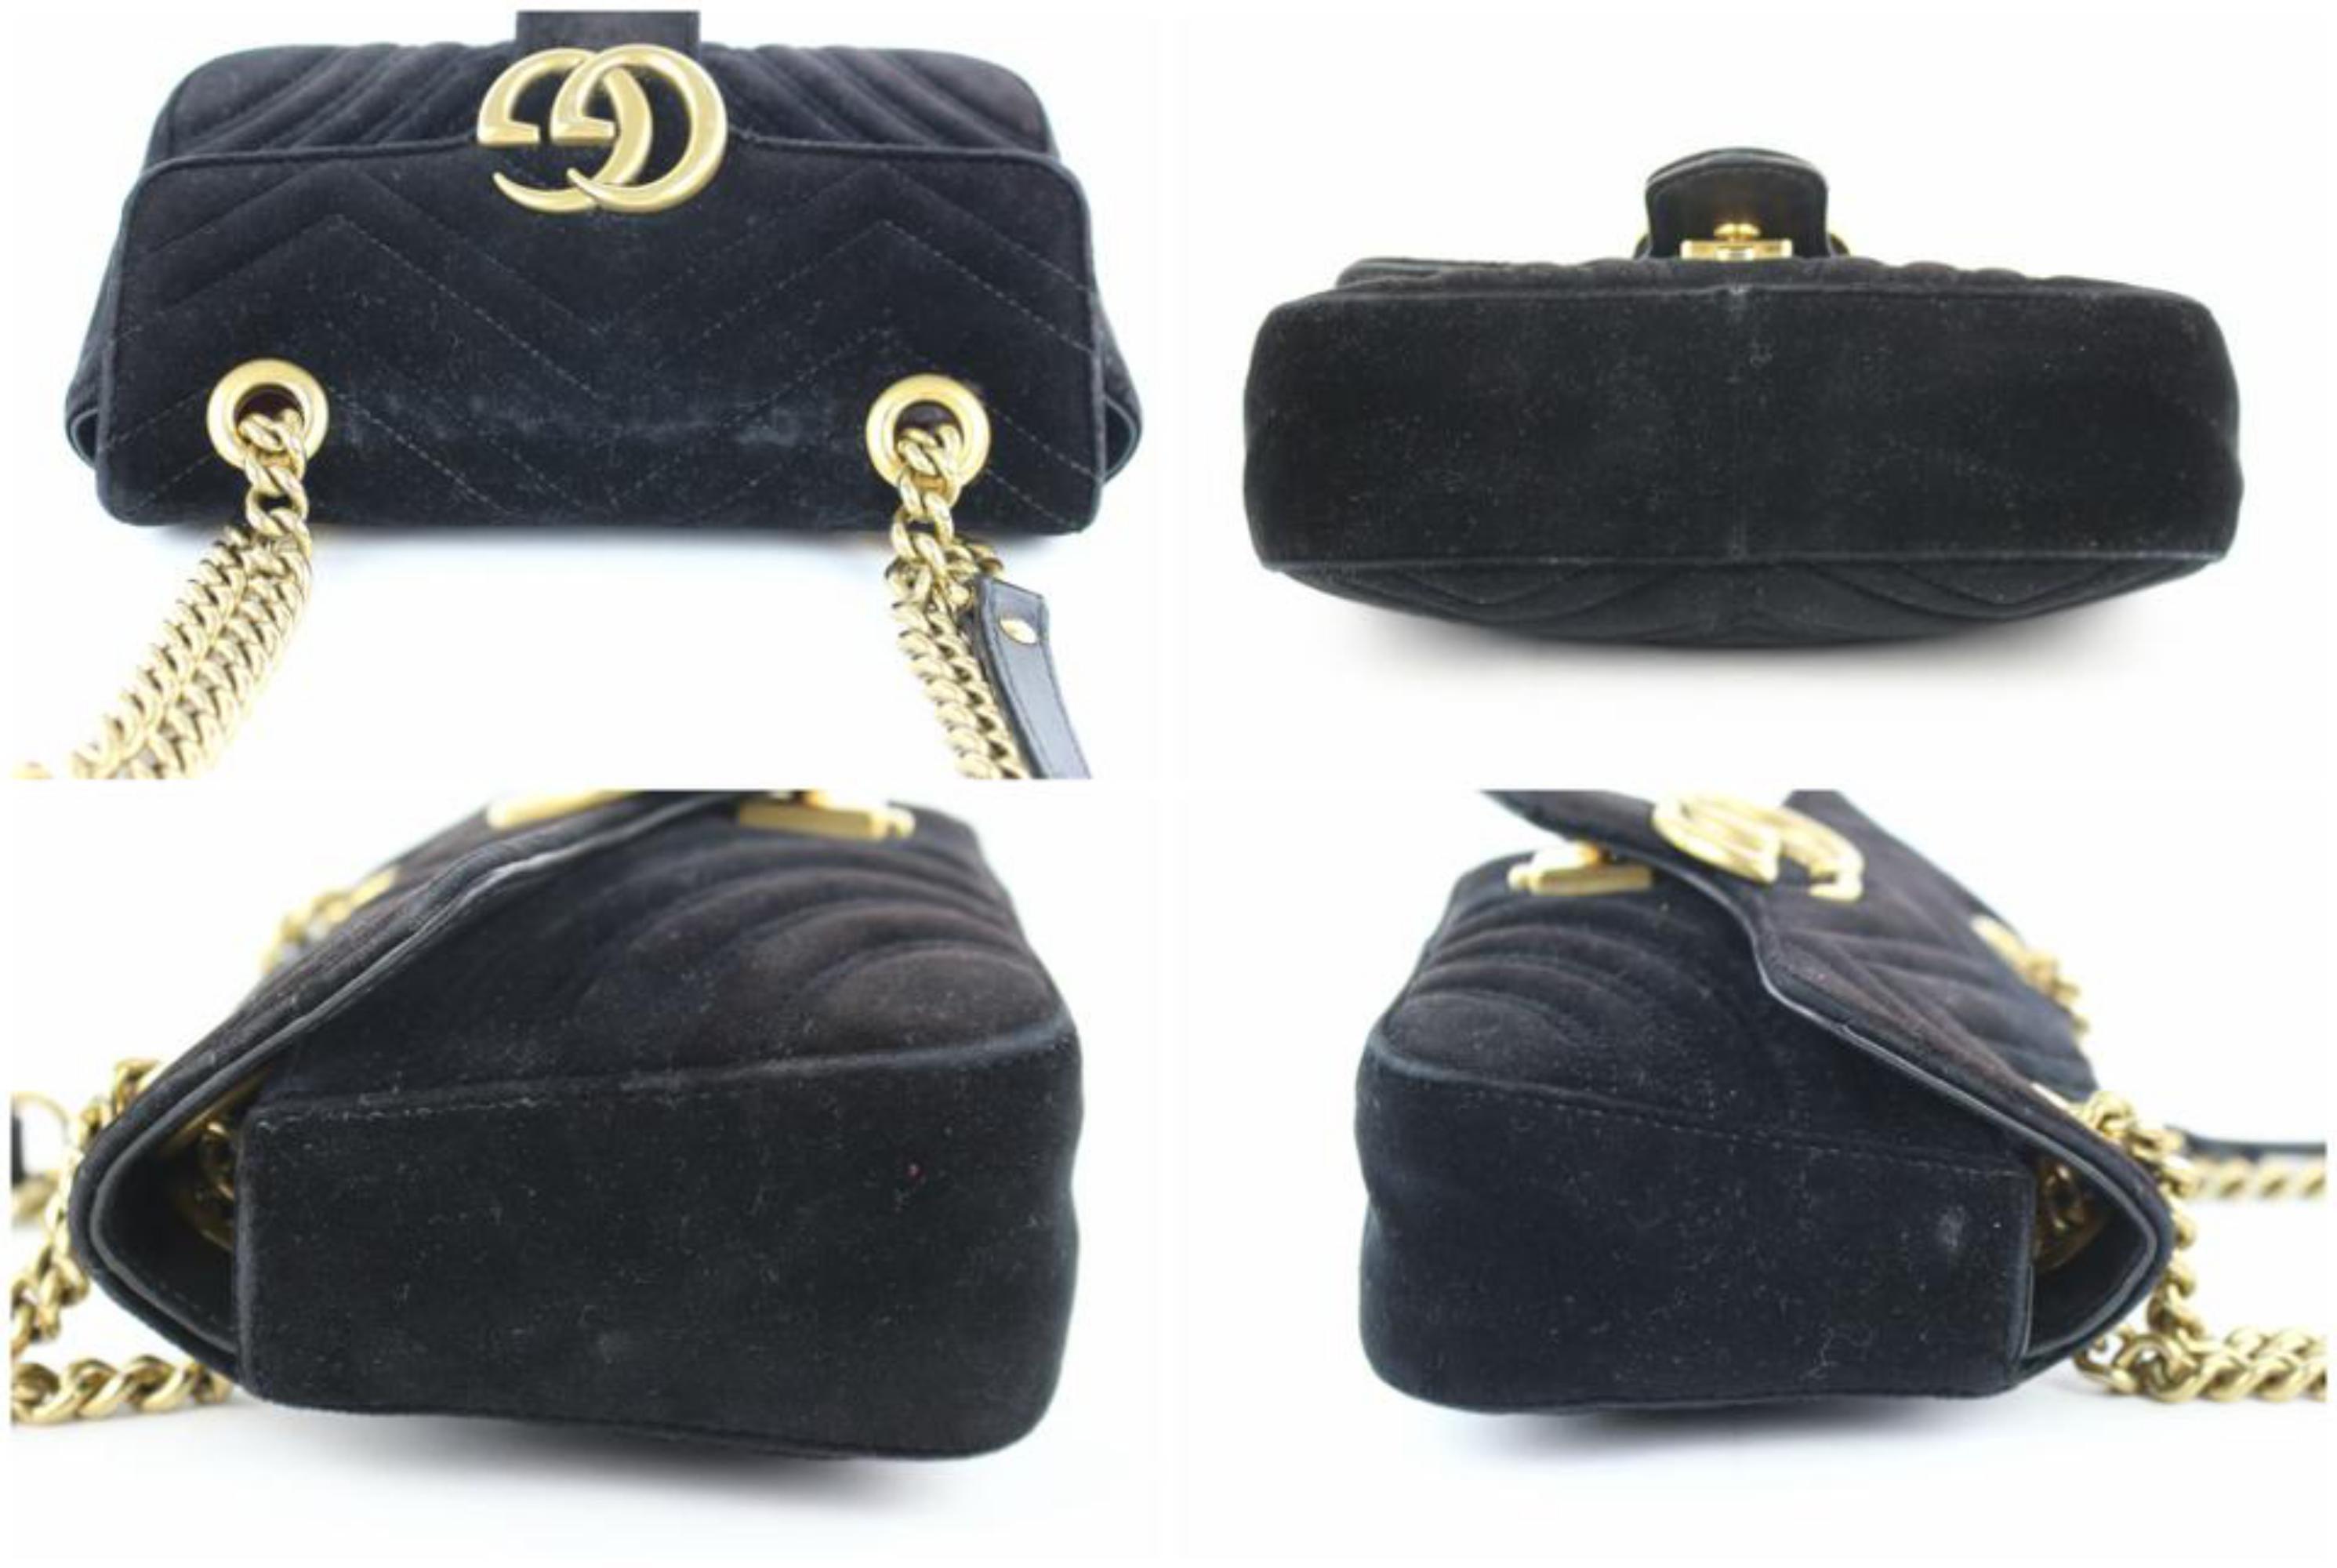 ddbabfa25c3e Gucci Marmont Matelasse Mini Gg 6ge0104 Black Velvet Cross Body Bag For Sale  at 1stdibs